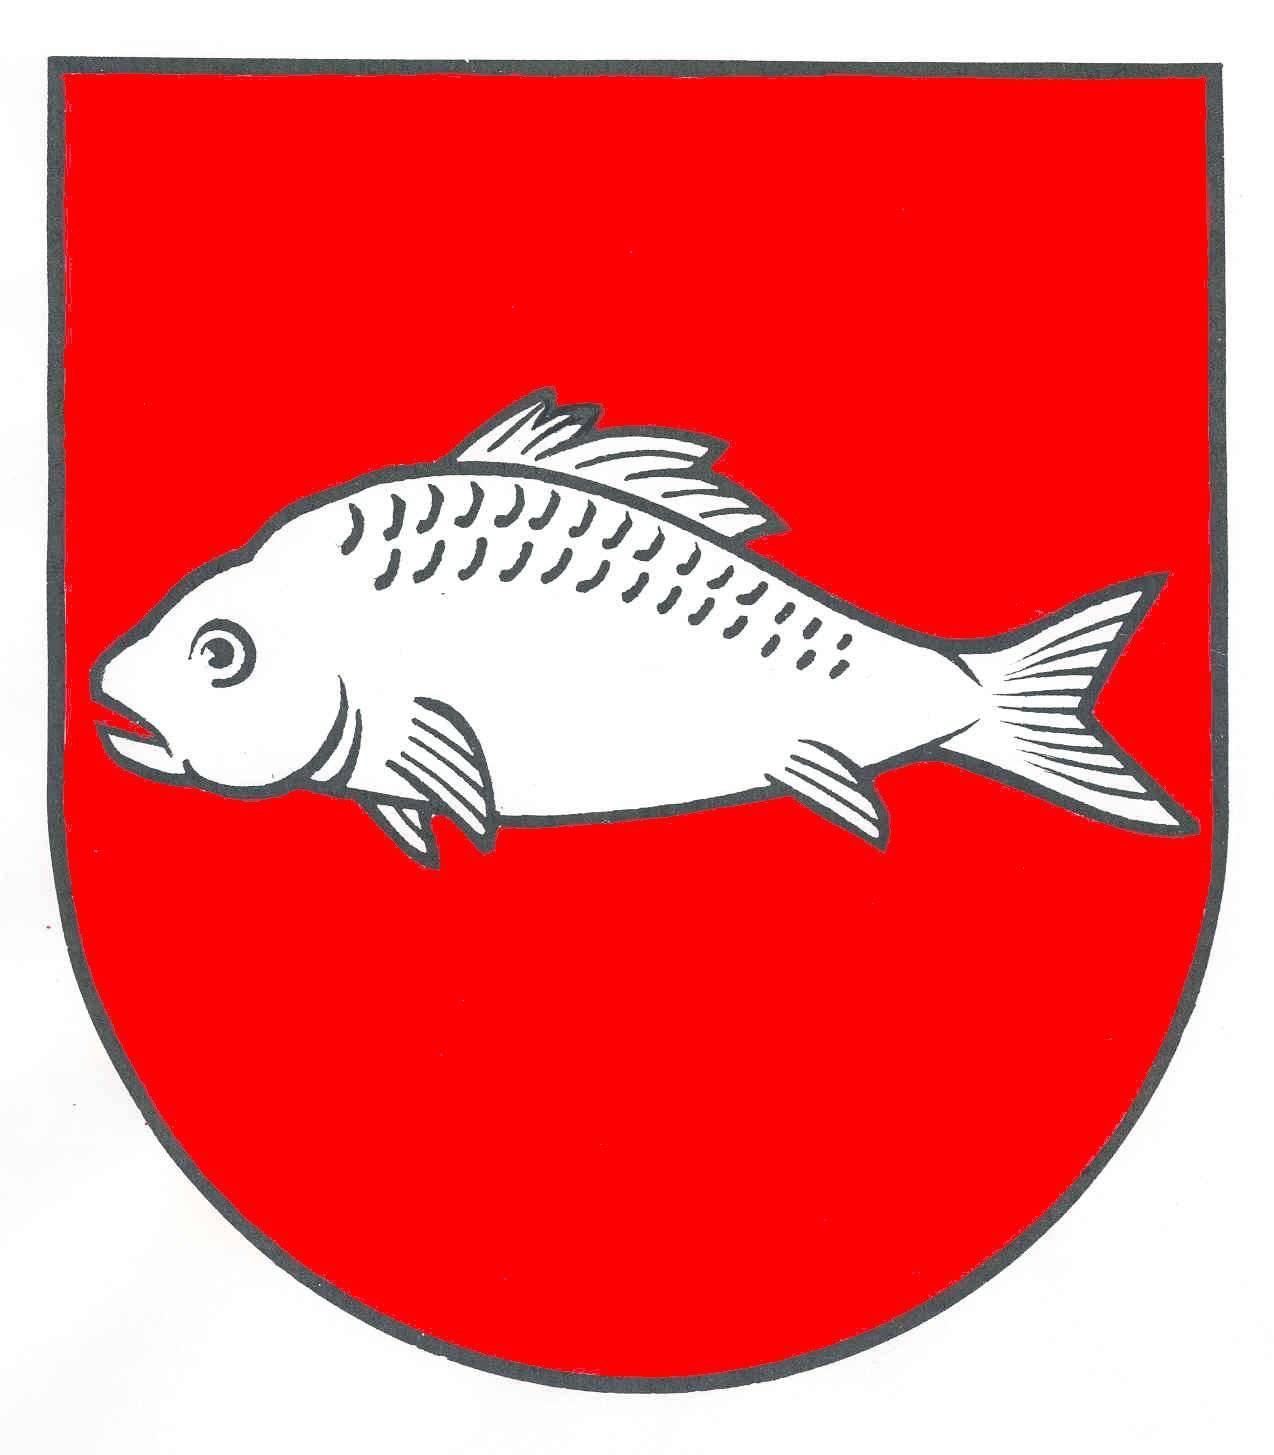 Wappen GemeindeBarsbek, Kreis Plön